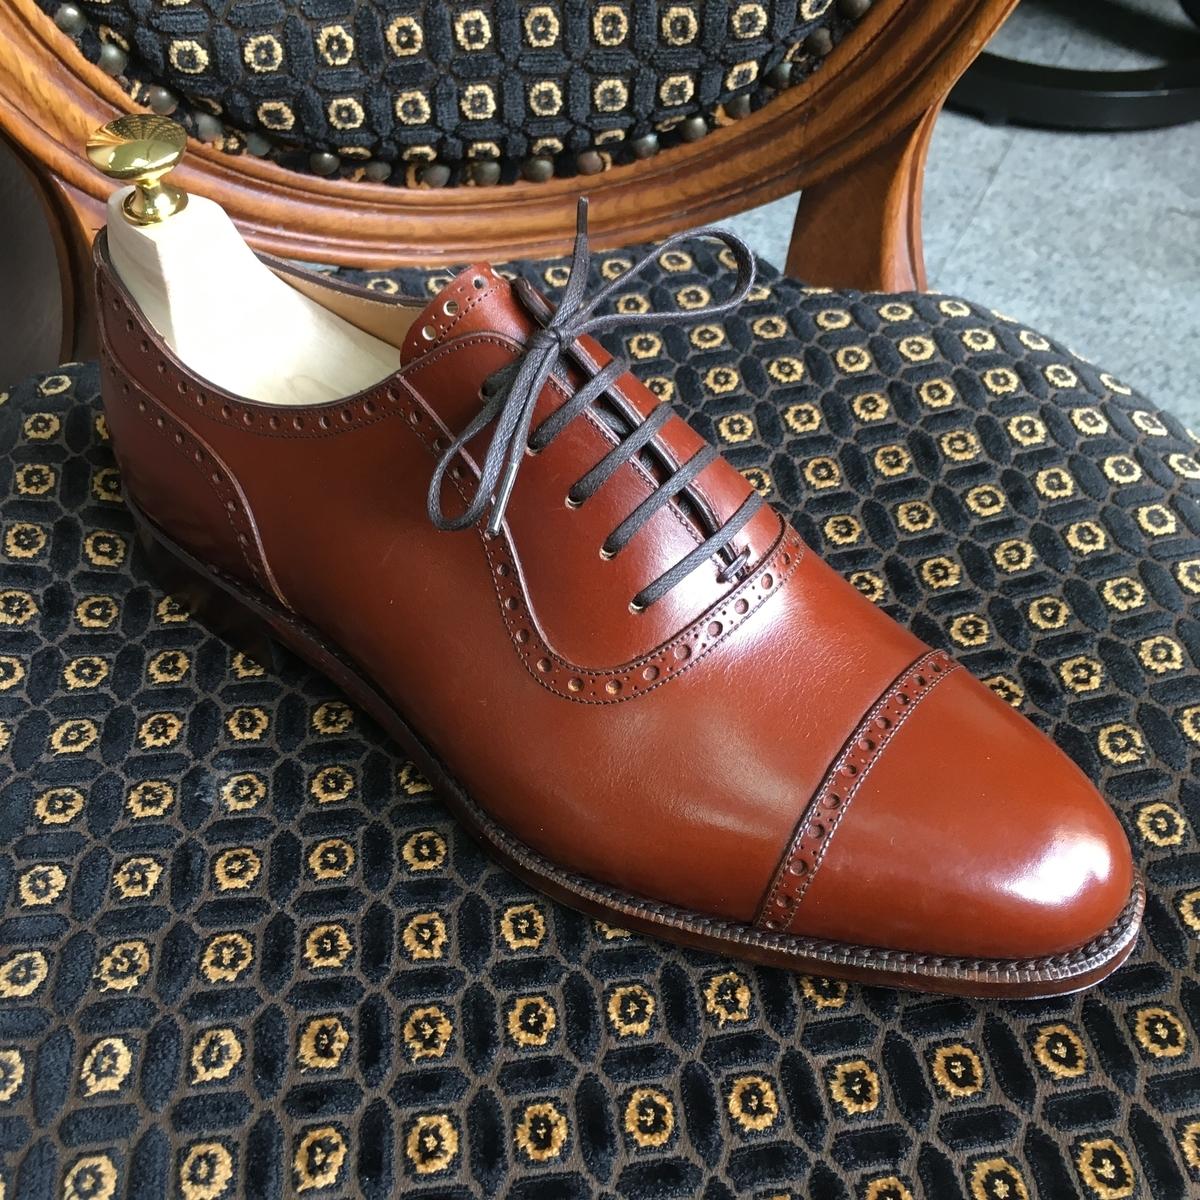 f:id:raymar-shoes:20190911173908j:plain